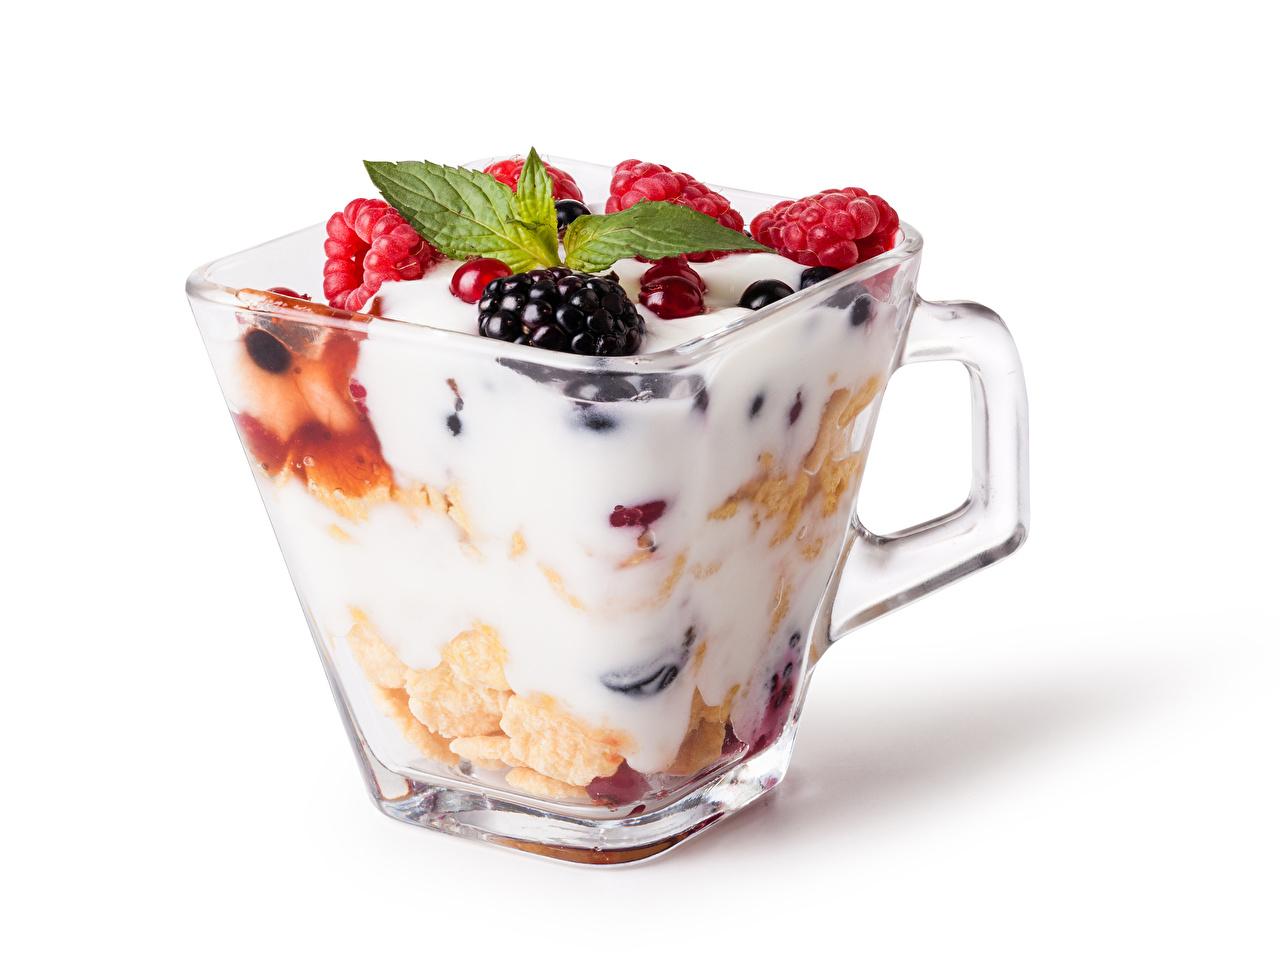 Картинка Сливки Еда Ягоды Мюсли Кружка Белый фон Пища Продукты питания